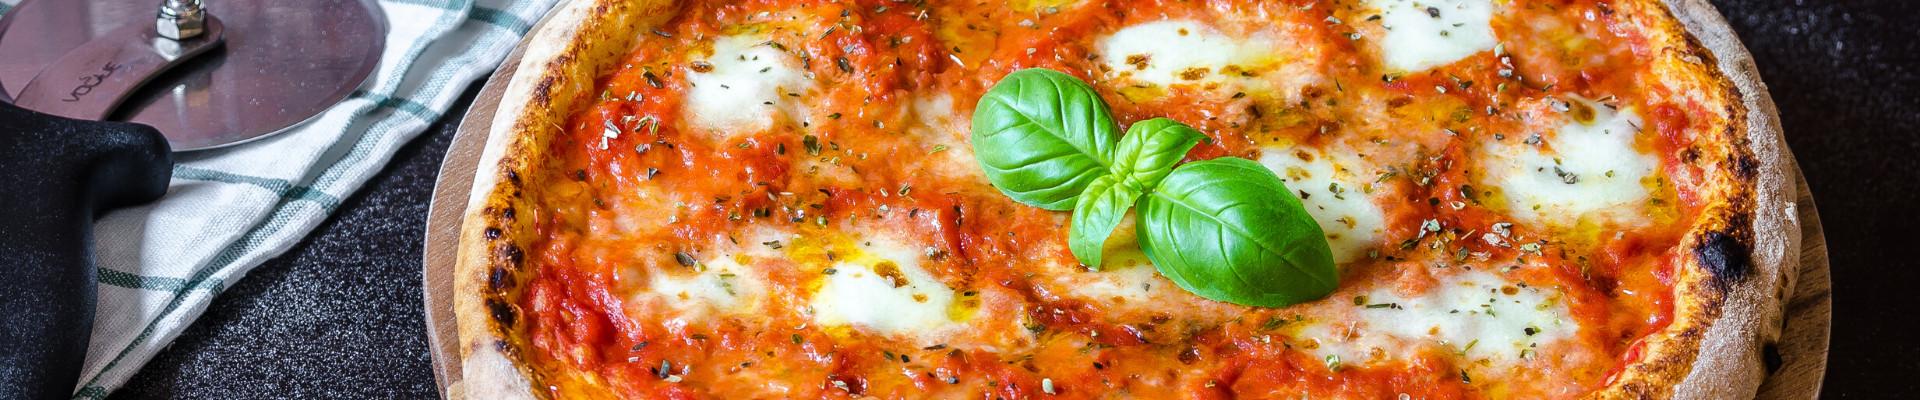 pizzeria-la-mia-accademia